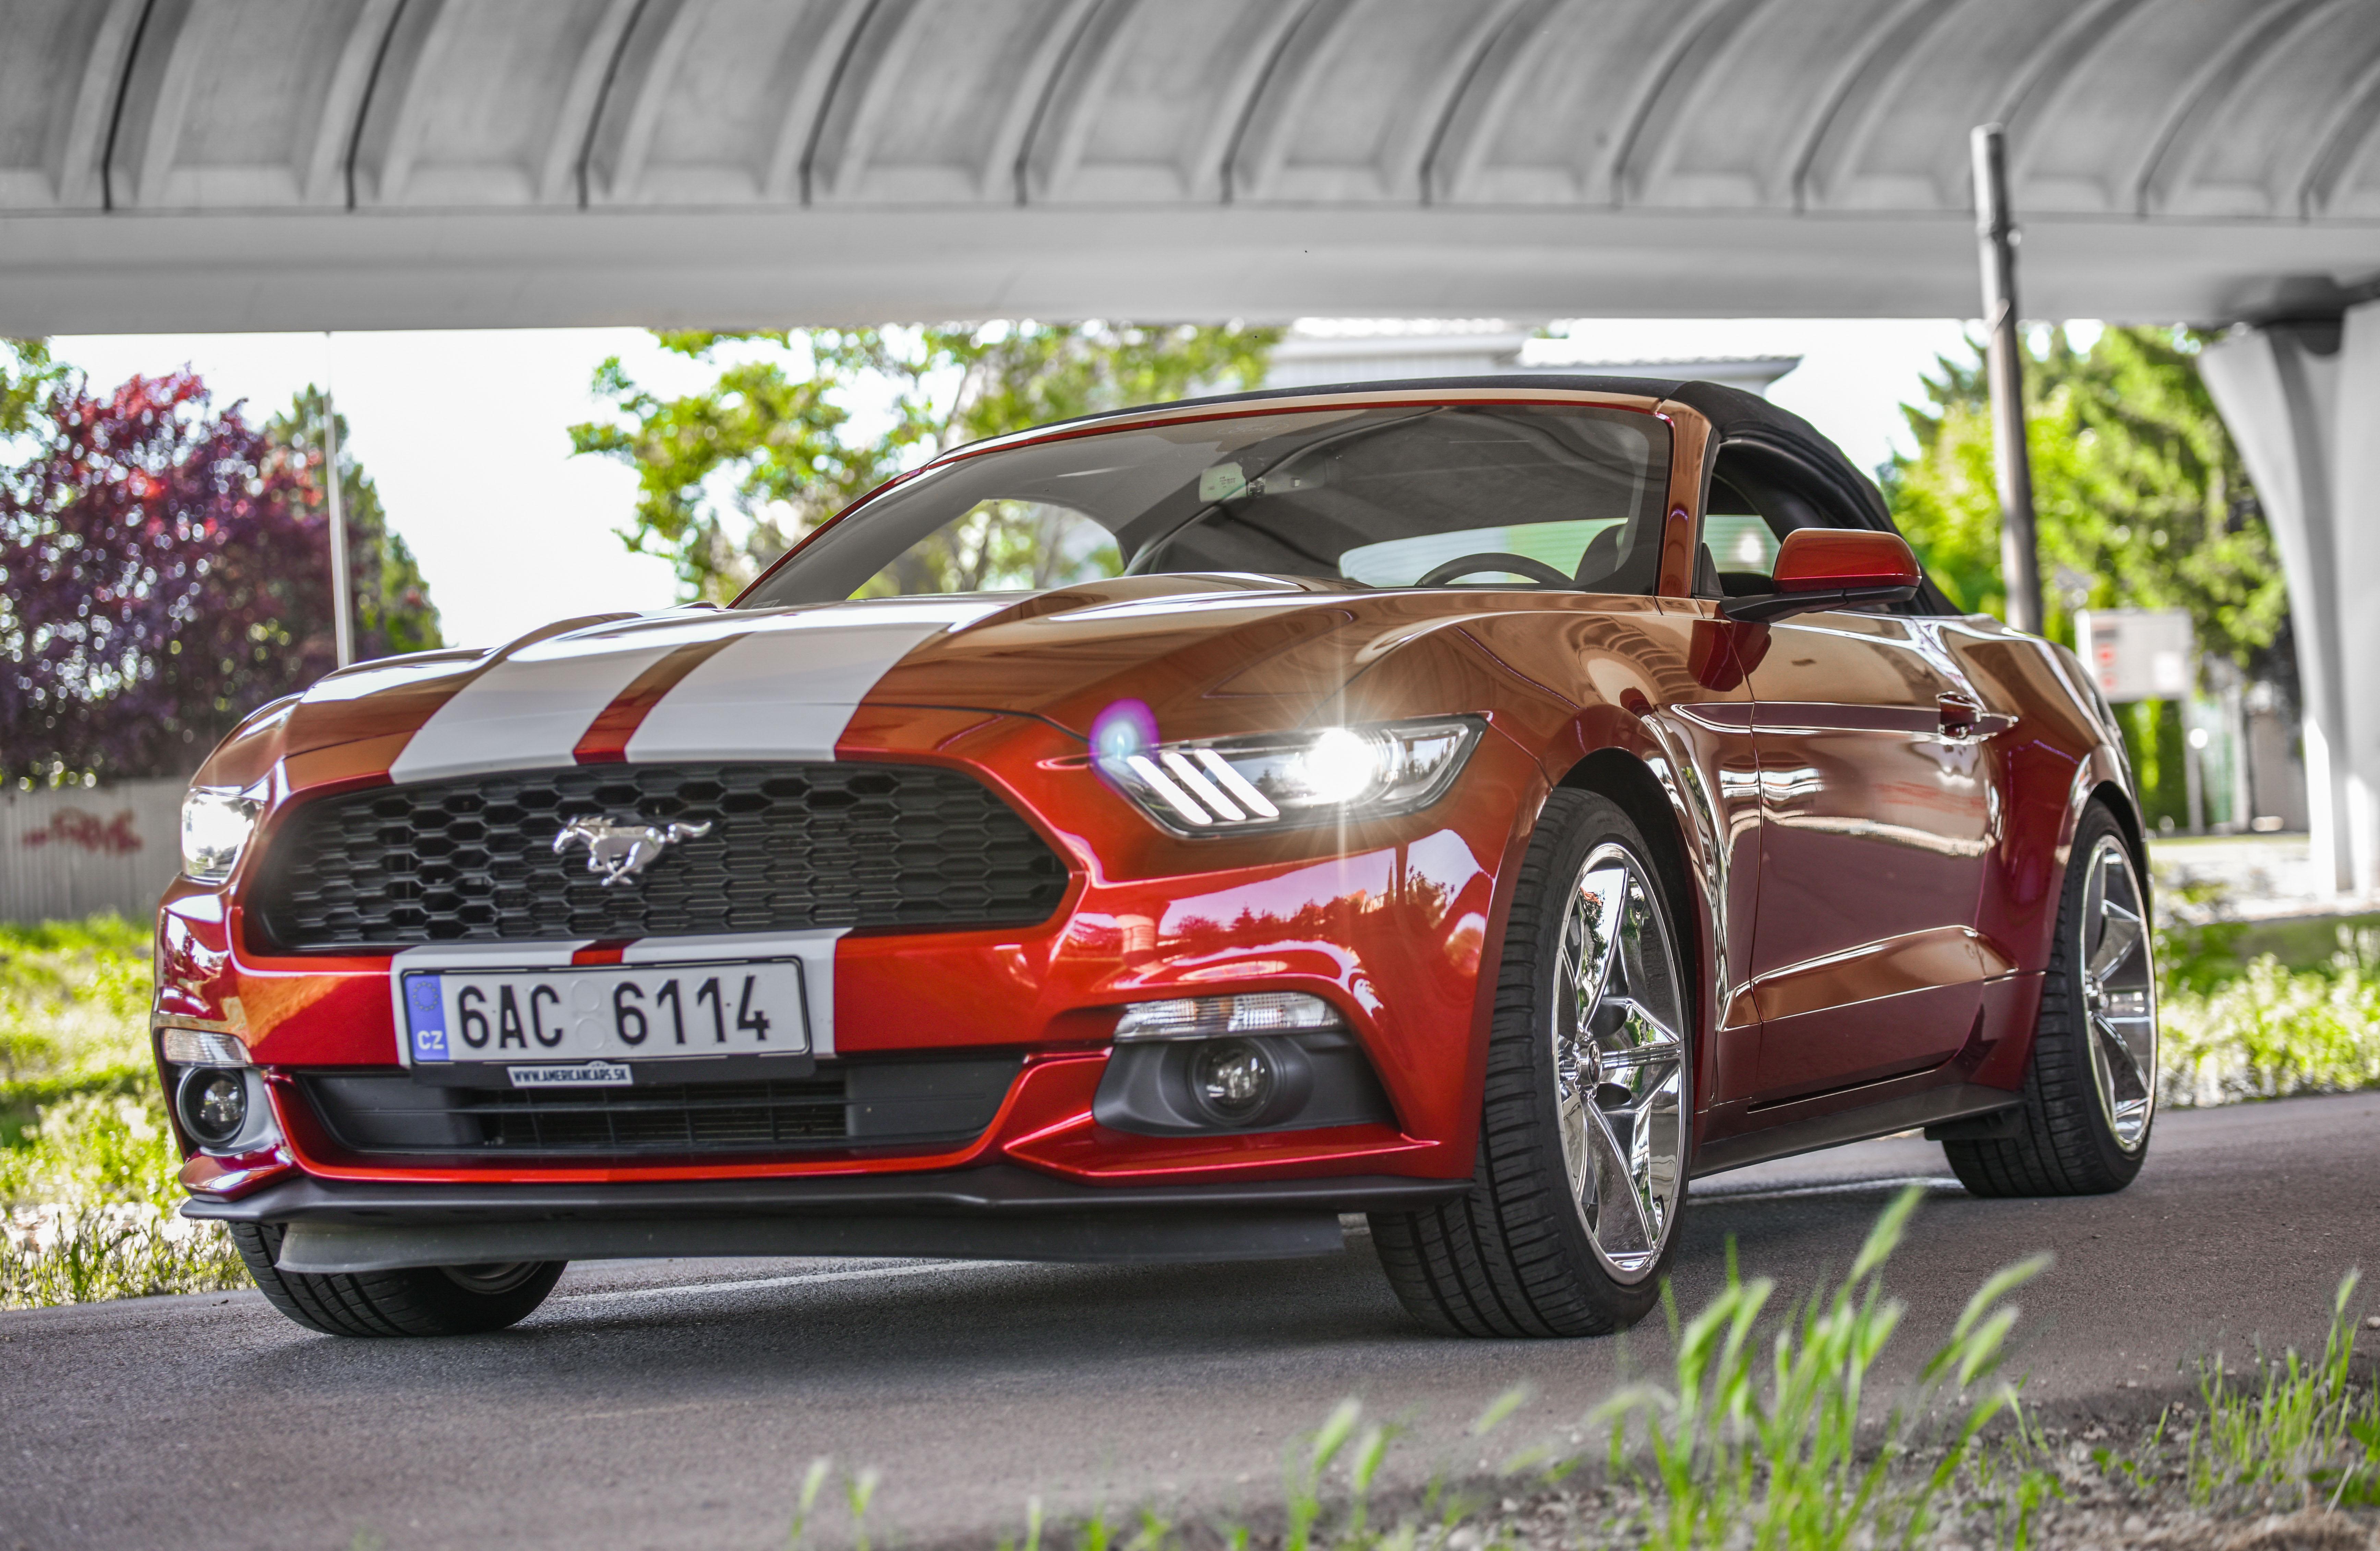 Pozicovna americkych aut - Mustang Cabrio